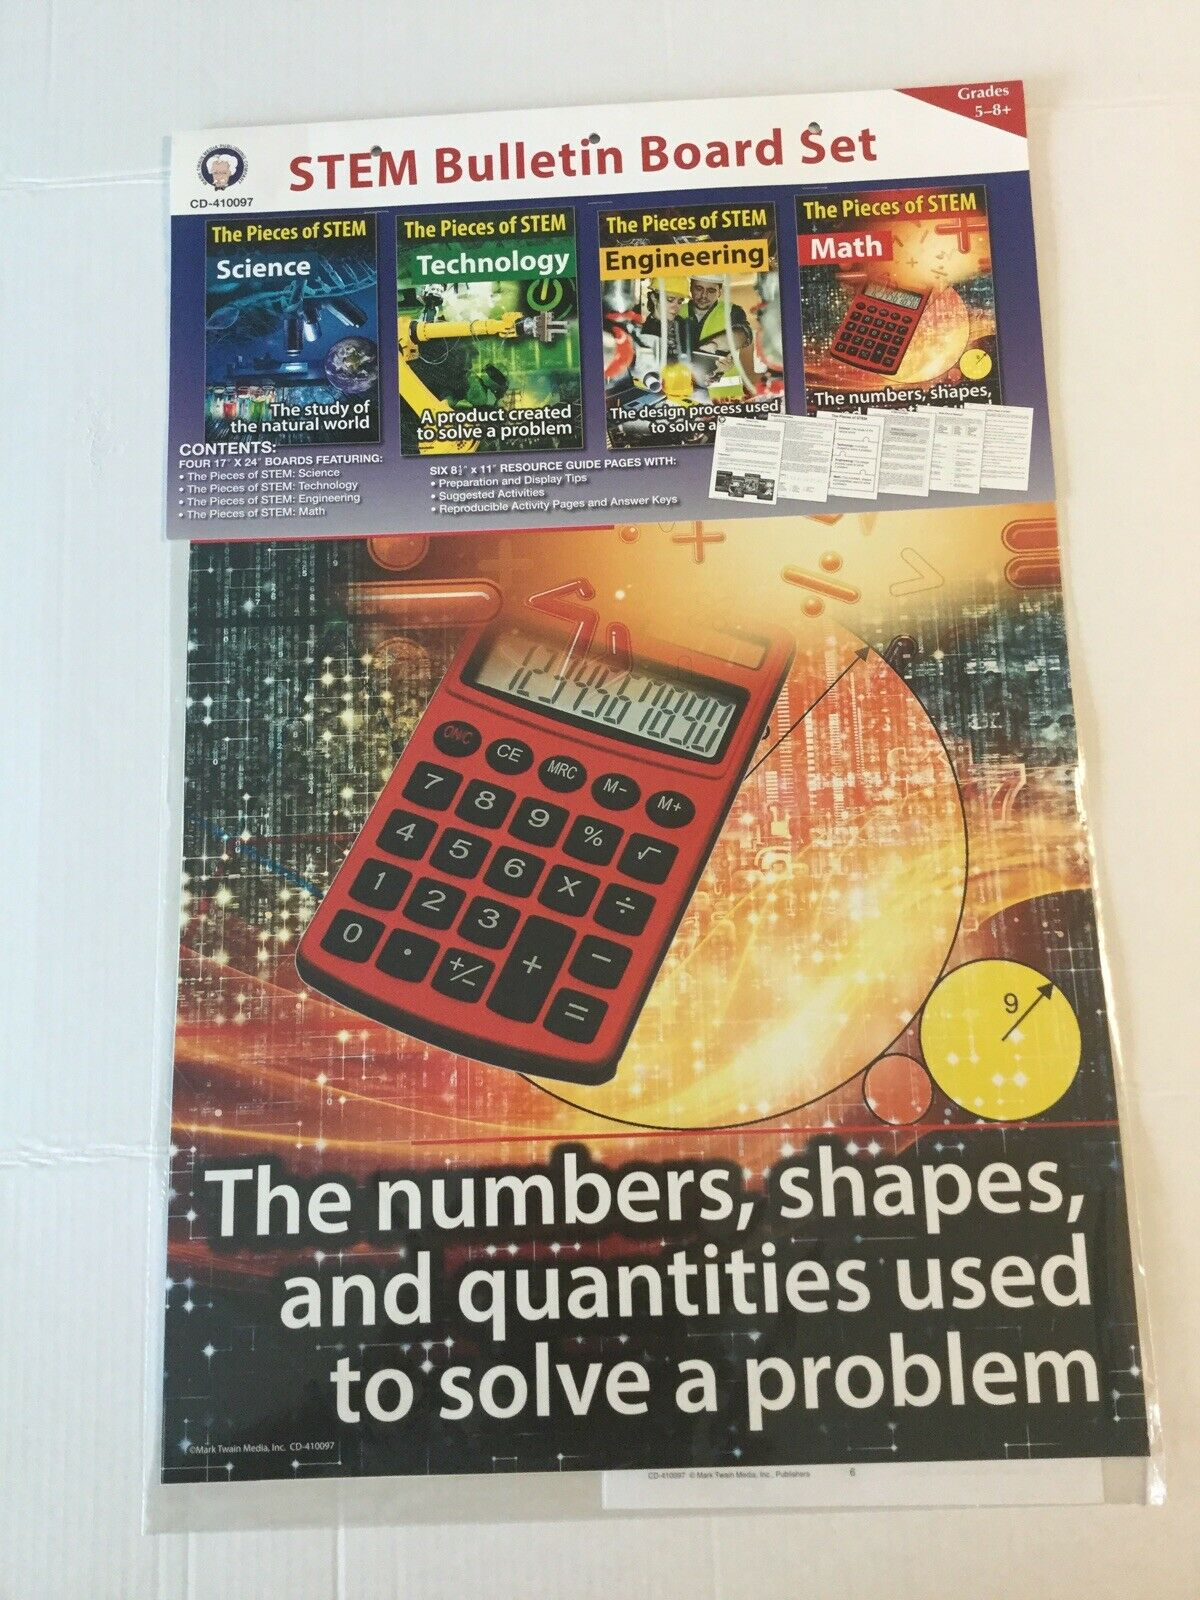 Carson Dellosa Stem Bulletin Board Set Cd 410097 Grades 5 8 Classroom Decor For Sale Online